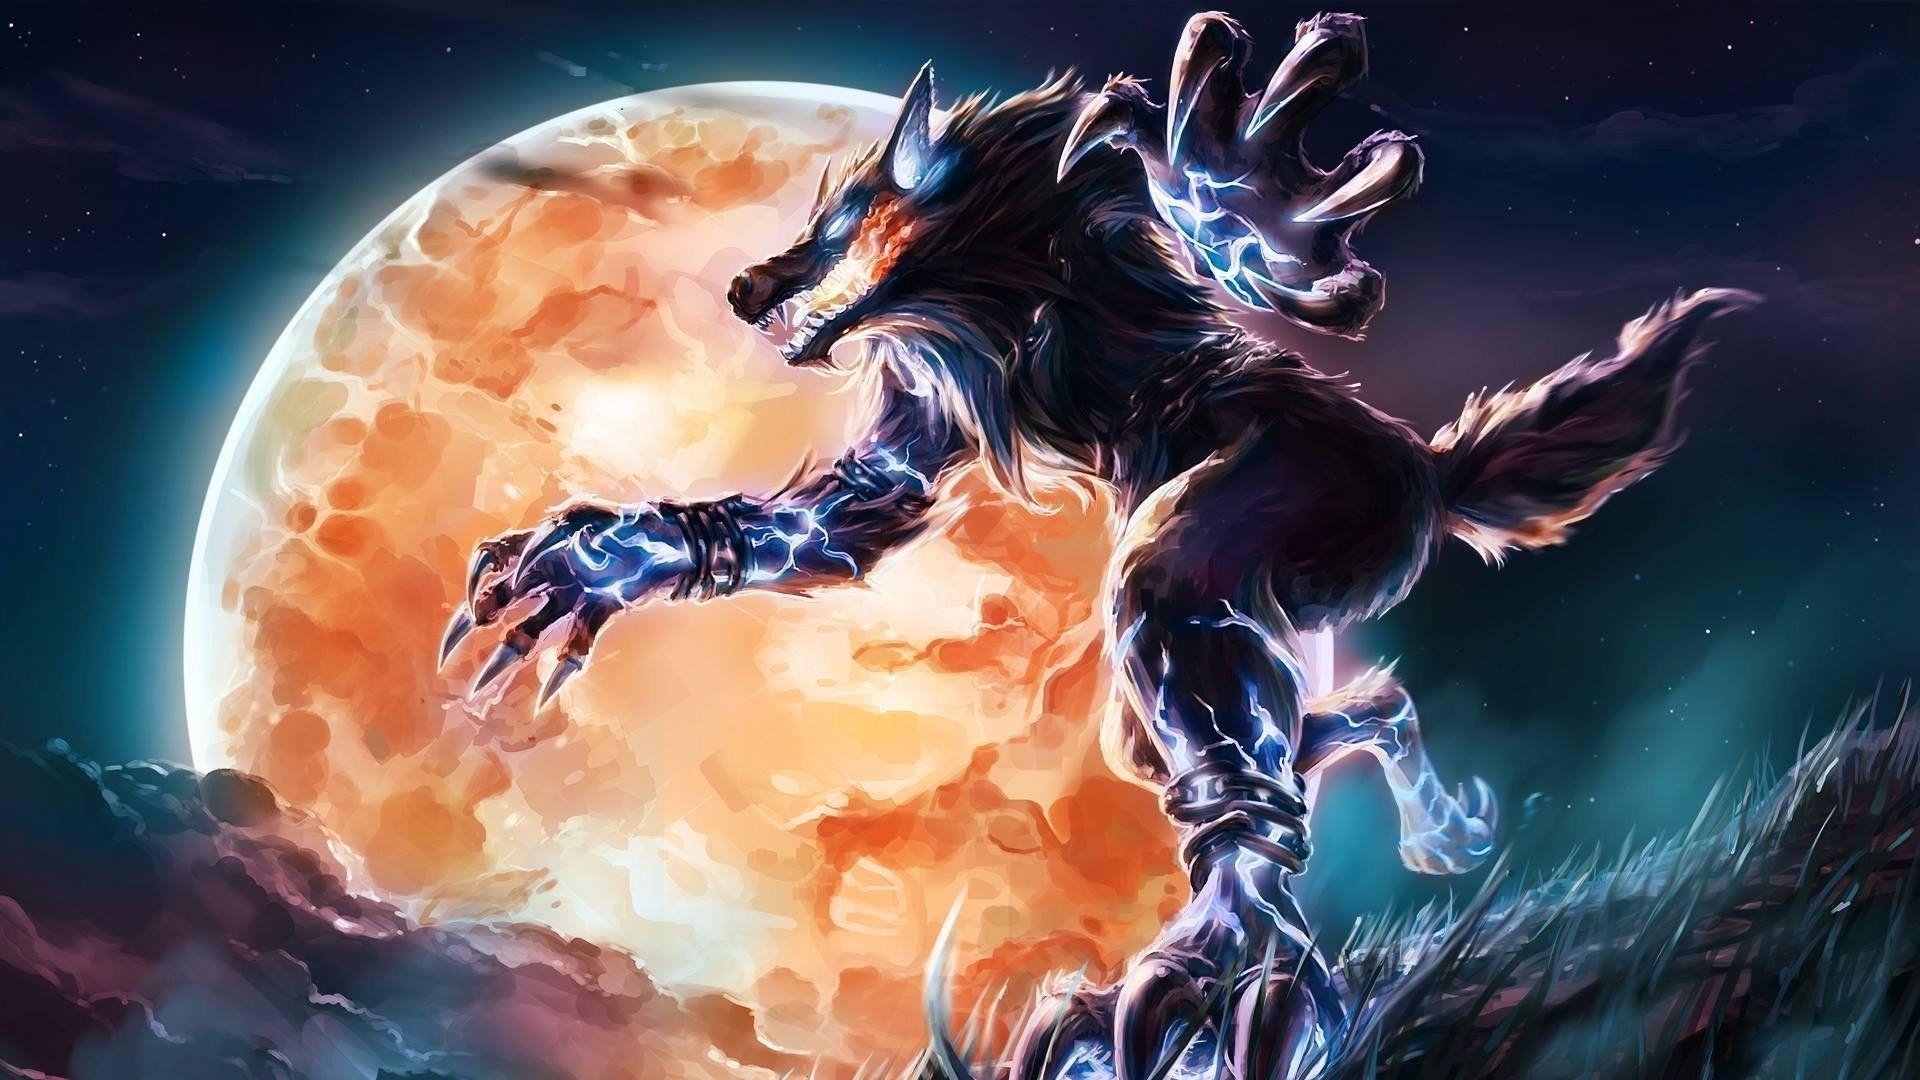 Werewolf cool background